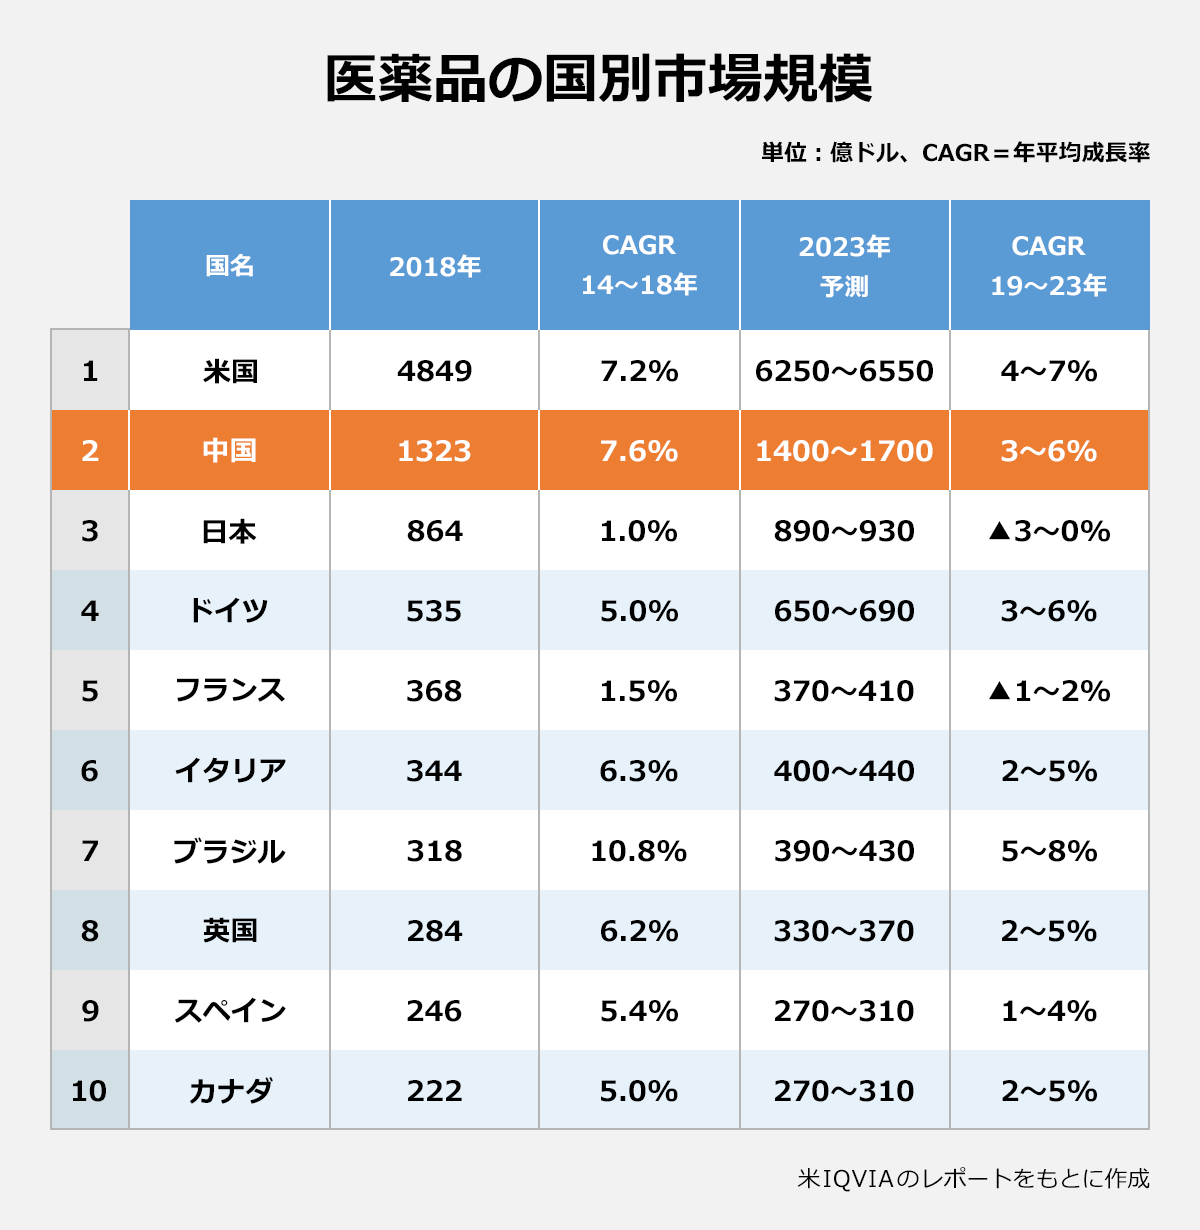 【医薬品の国別市場規模】(単位:億ドル、CAGR=年平均成長率 )(国名/2018年/CAGR14~18年/2023年予測/CAGR19~23年):米国/4849/7.2%/6250~6550/4~7%、中国/1323/7.6%/1400~1700/3~6%、日本/864/1.0%/890~930/▲3~0%、ドイツ/535/5.0%/650~690/3~6%、フランス/368/1.5%/370~410/▲1~2%、イタリア/344/6.3%/400~440/2~5%、ブラジル/318/10.8%/390~430/5~8%、英国/284/6.2%/330~370/2~5%、スペイン/246/5.4%/270~310/1~4%/、カナダ/222/5.0%/270~310/2~5%、※米IQVIAのレポートをもとに作成